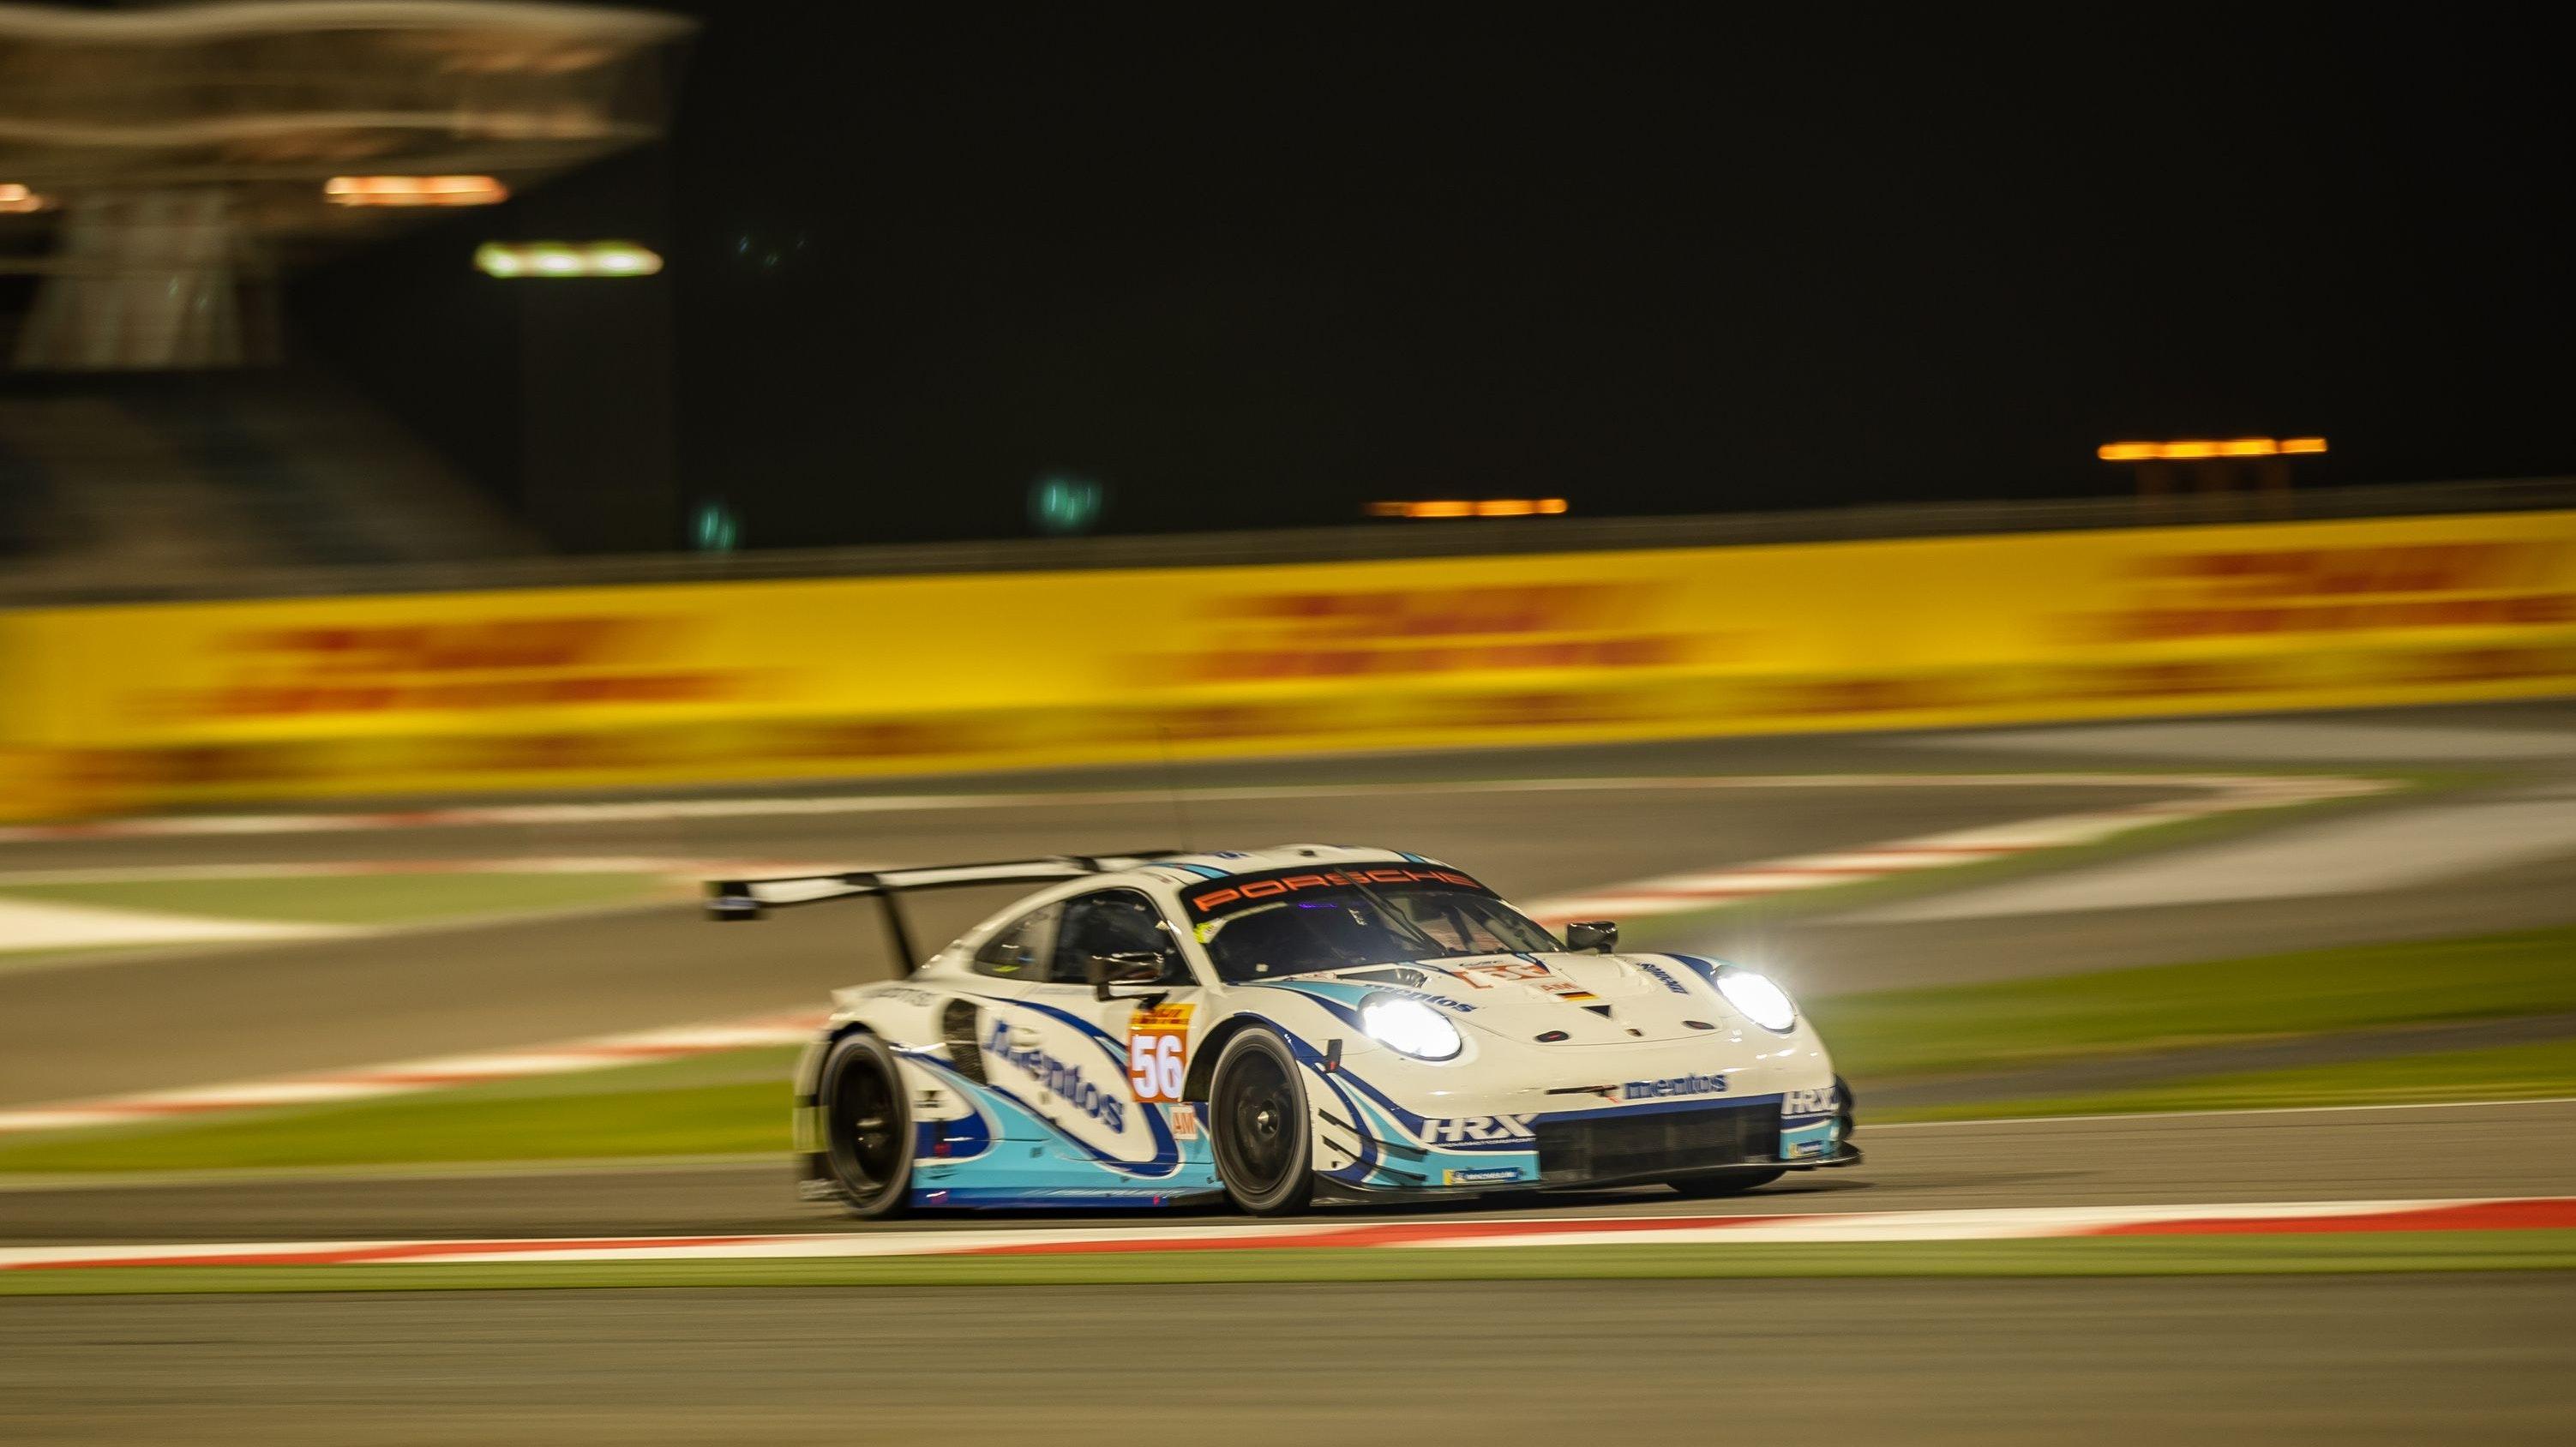 Wenn es Nacht wird in Bahrain: Der Project-1-Porsche 911 RSR auf dem Weg zum Sieg in der GTE Am-Klasse. Foto: Lofthouse